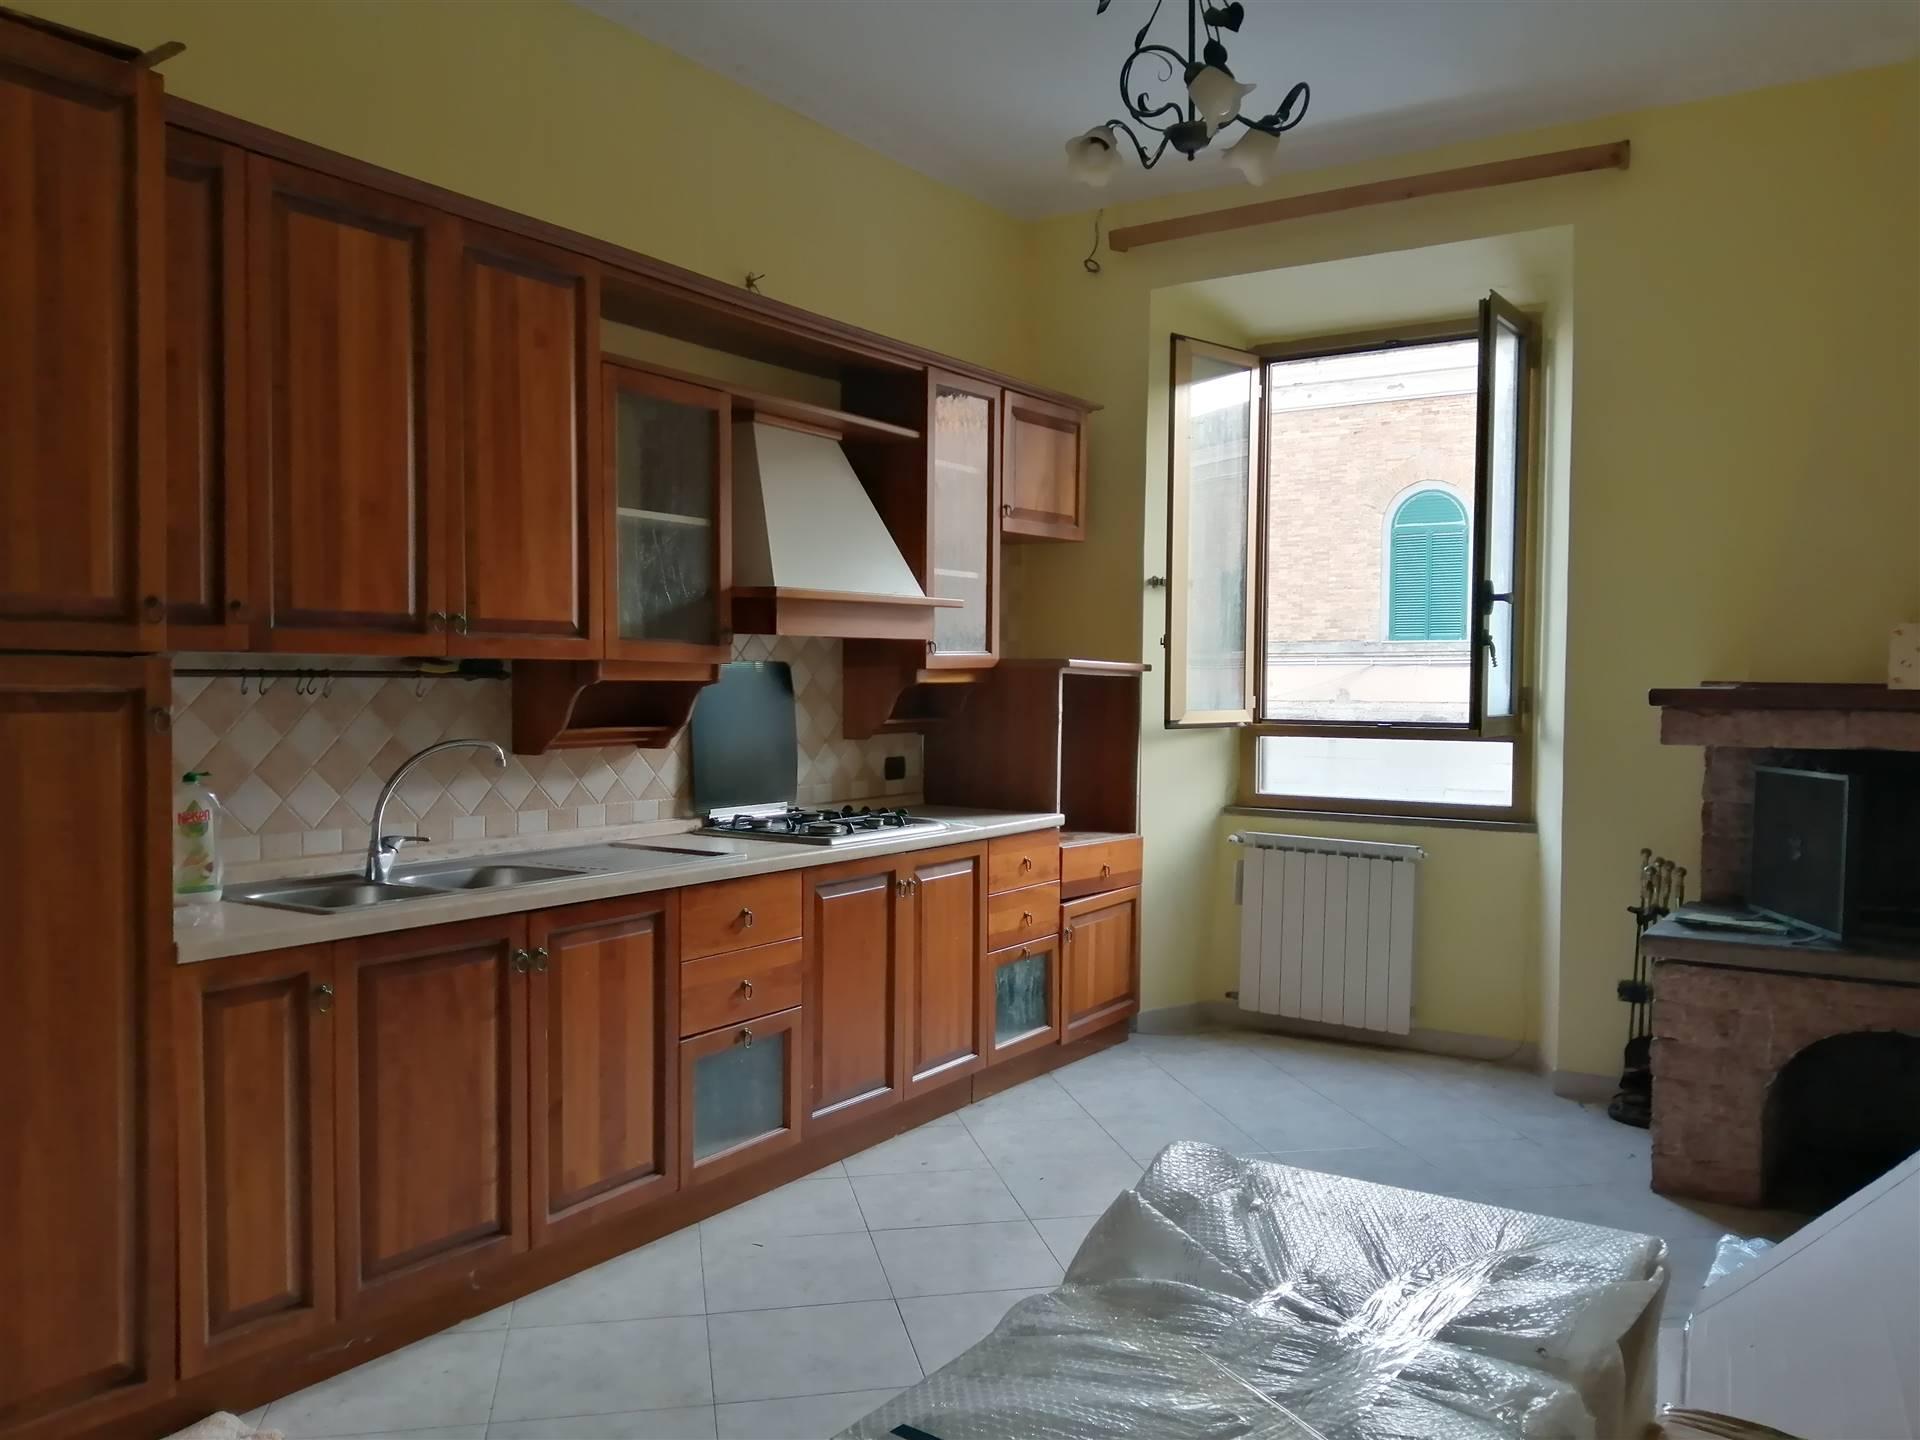 La Servizi Immobiliari Cv propone in vendita in una delle vie adiacenti al Porto di Civitavecchia un trilocale di metri quadrati 75 circa al primo ed